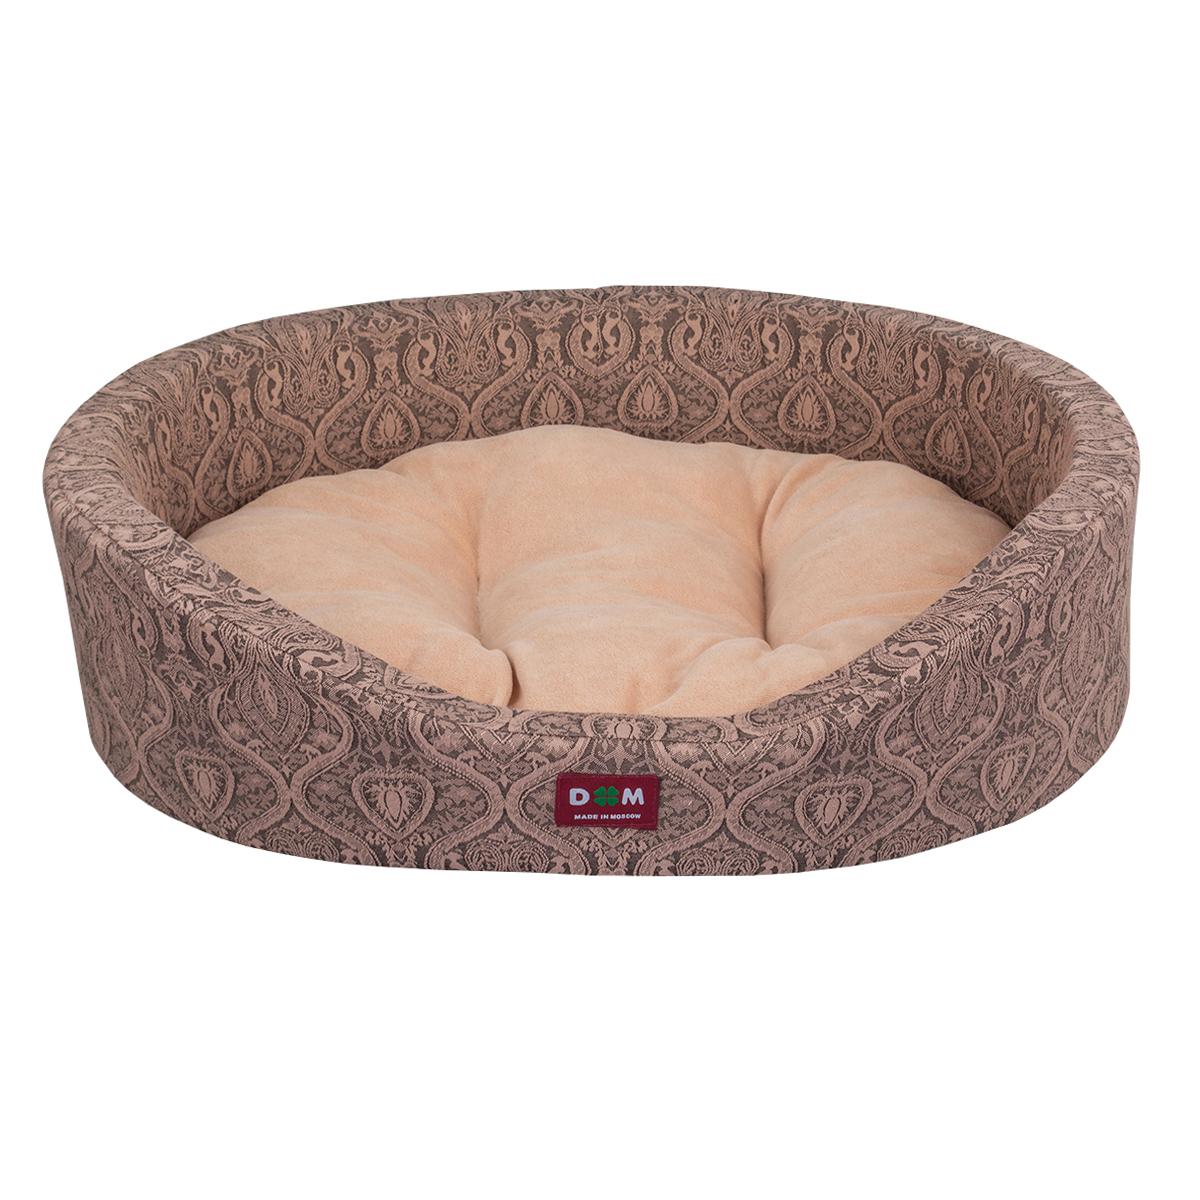 Лежак для животных Dogmoda Дуэт, цвет: бежевый, 62 х 49 х 17 см